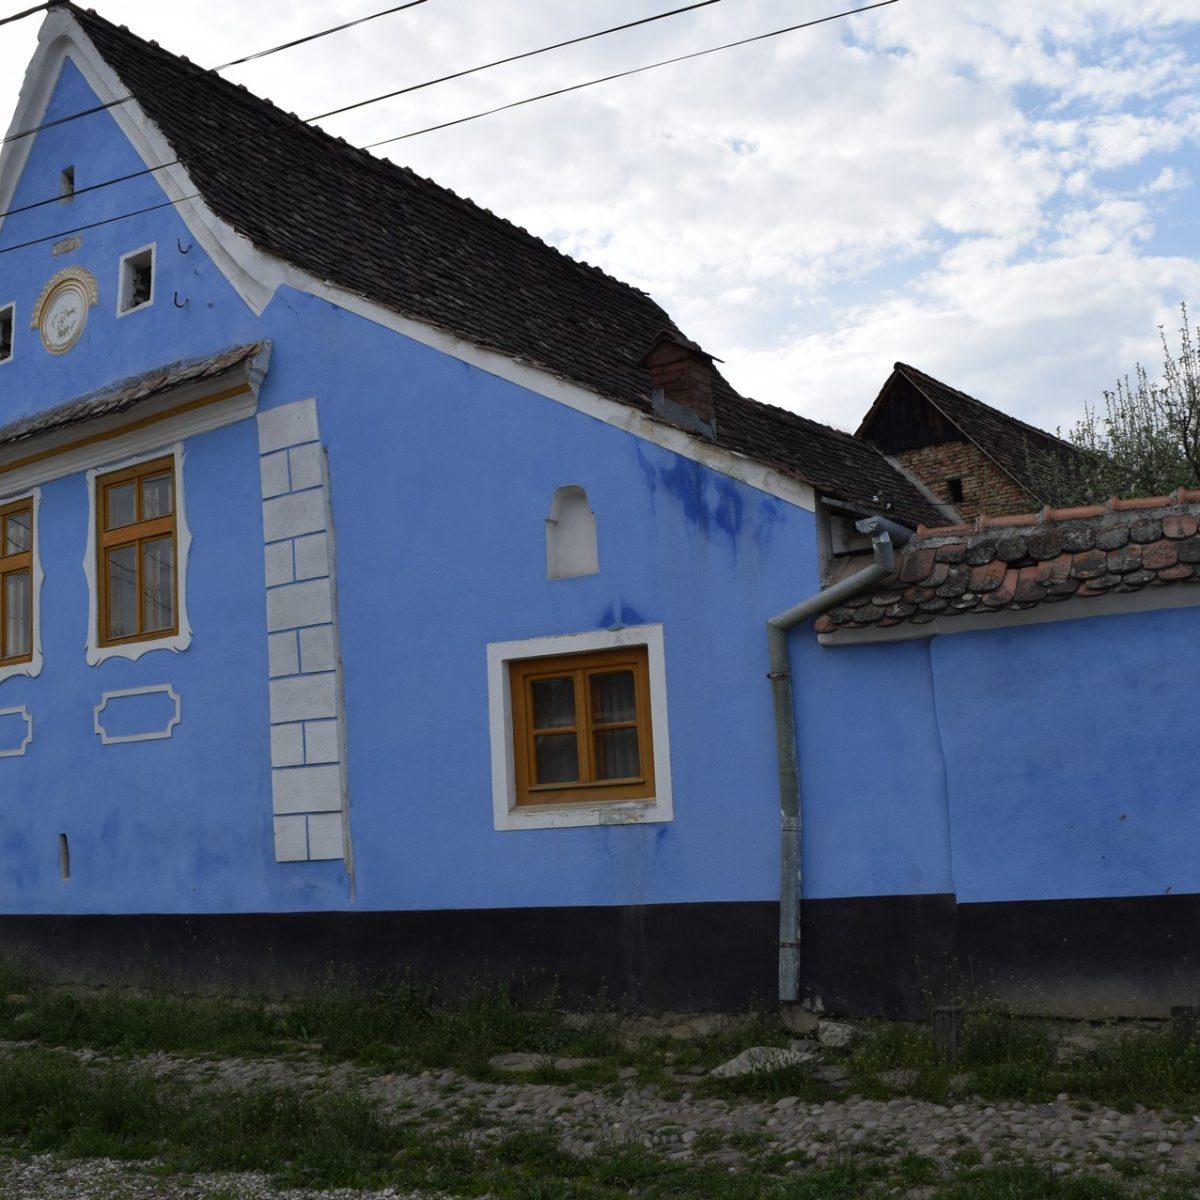 Casa cu Zorele, second farm.